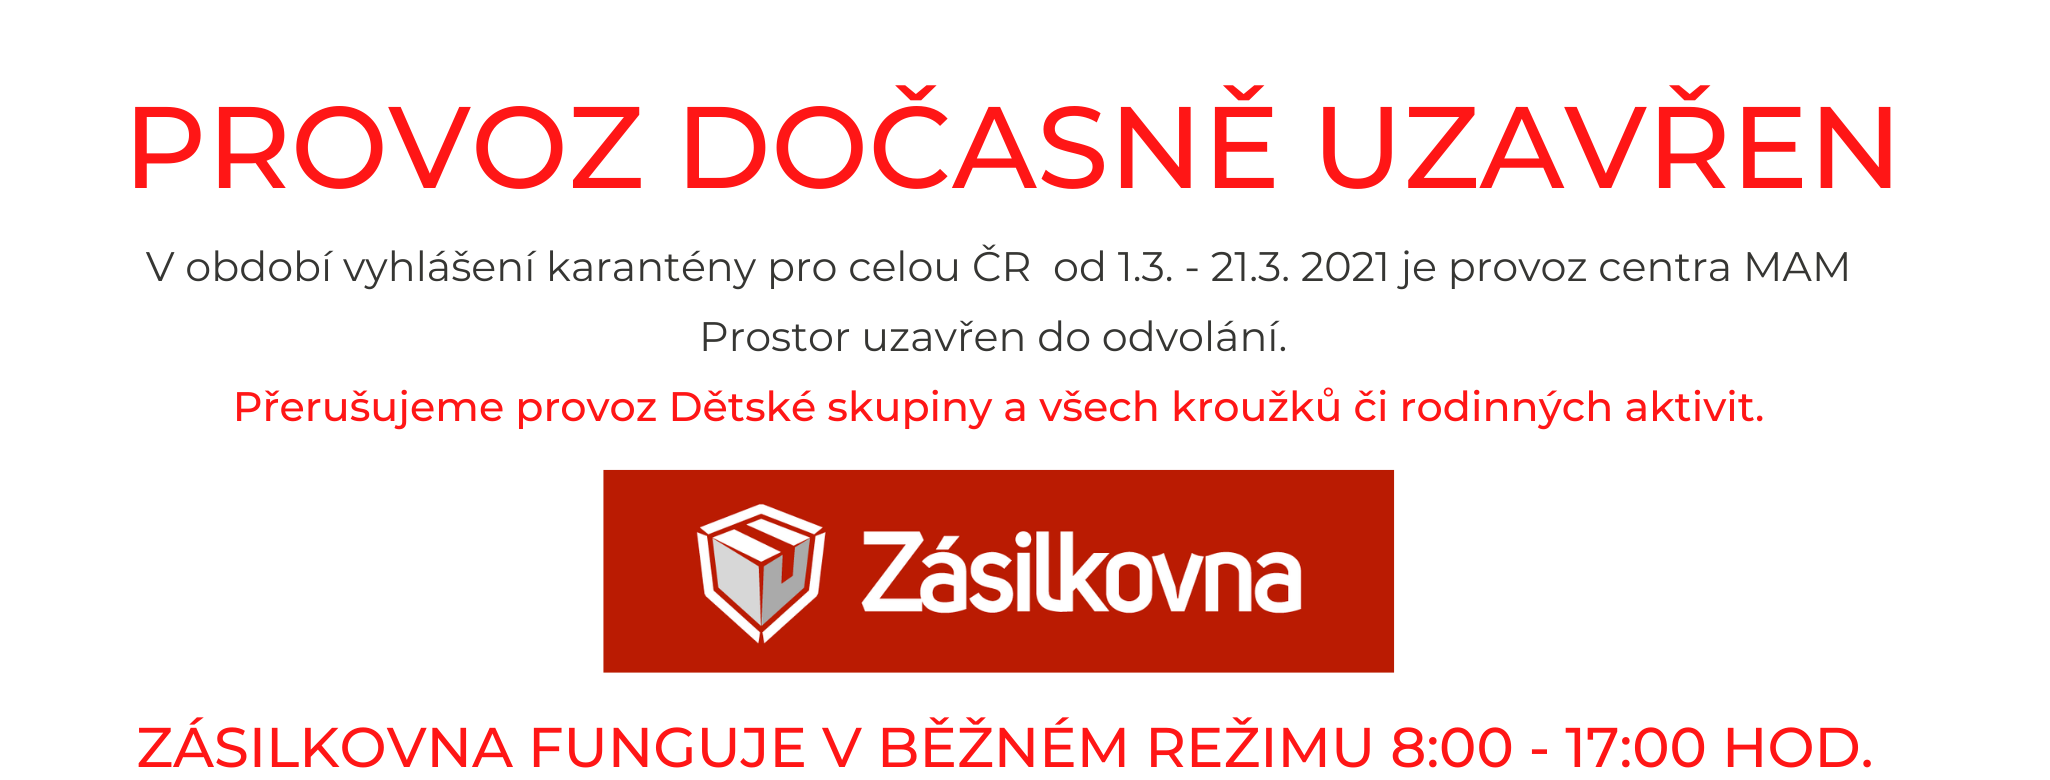 Web slides 2021